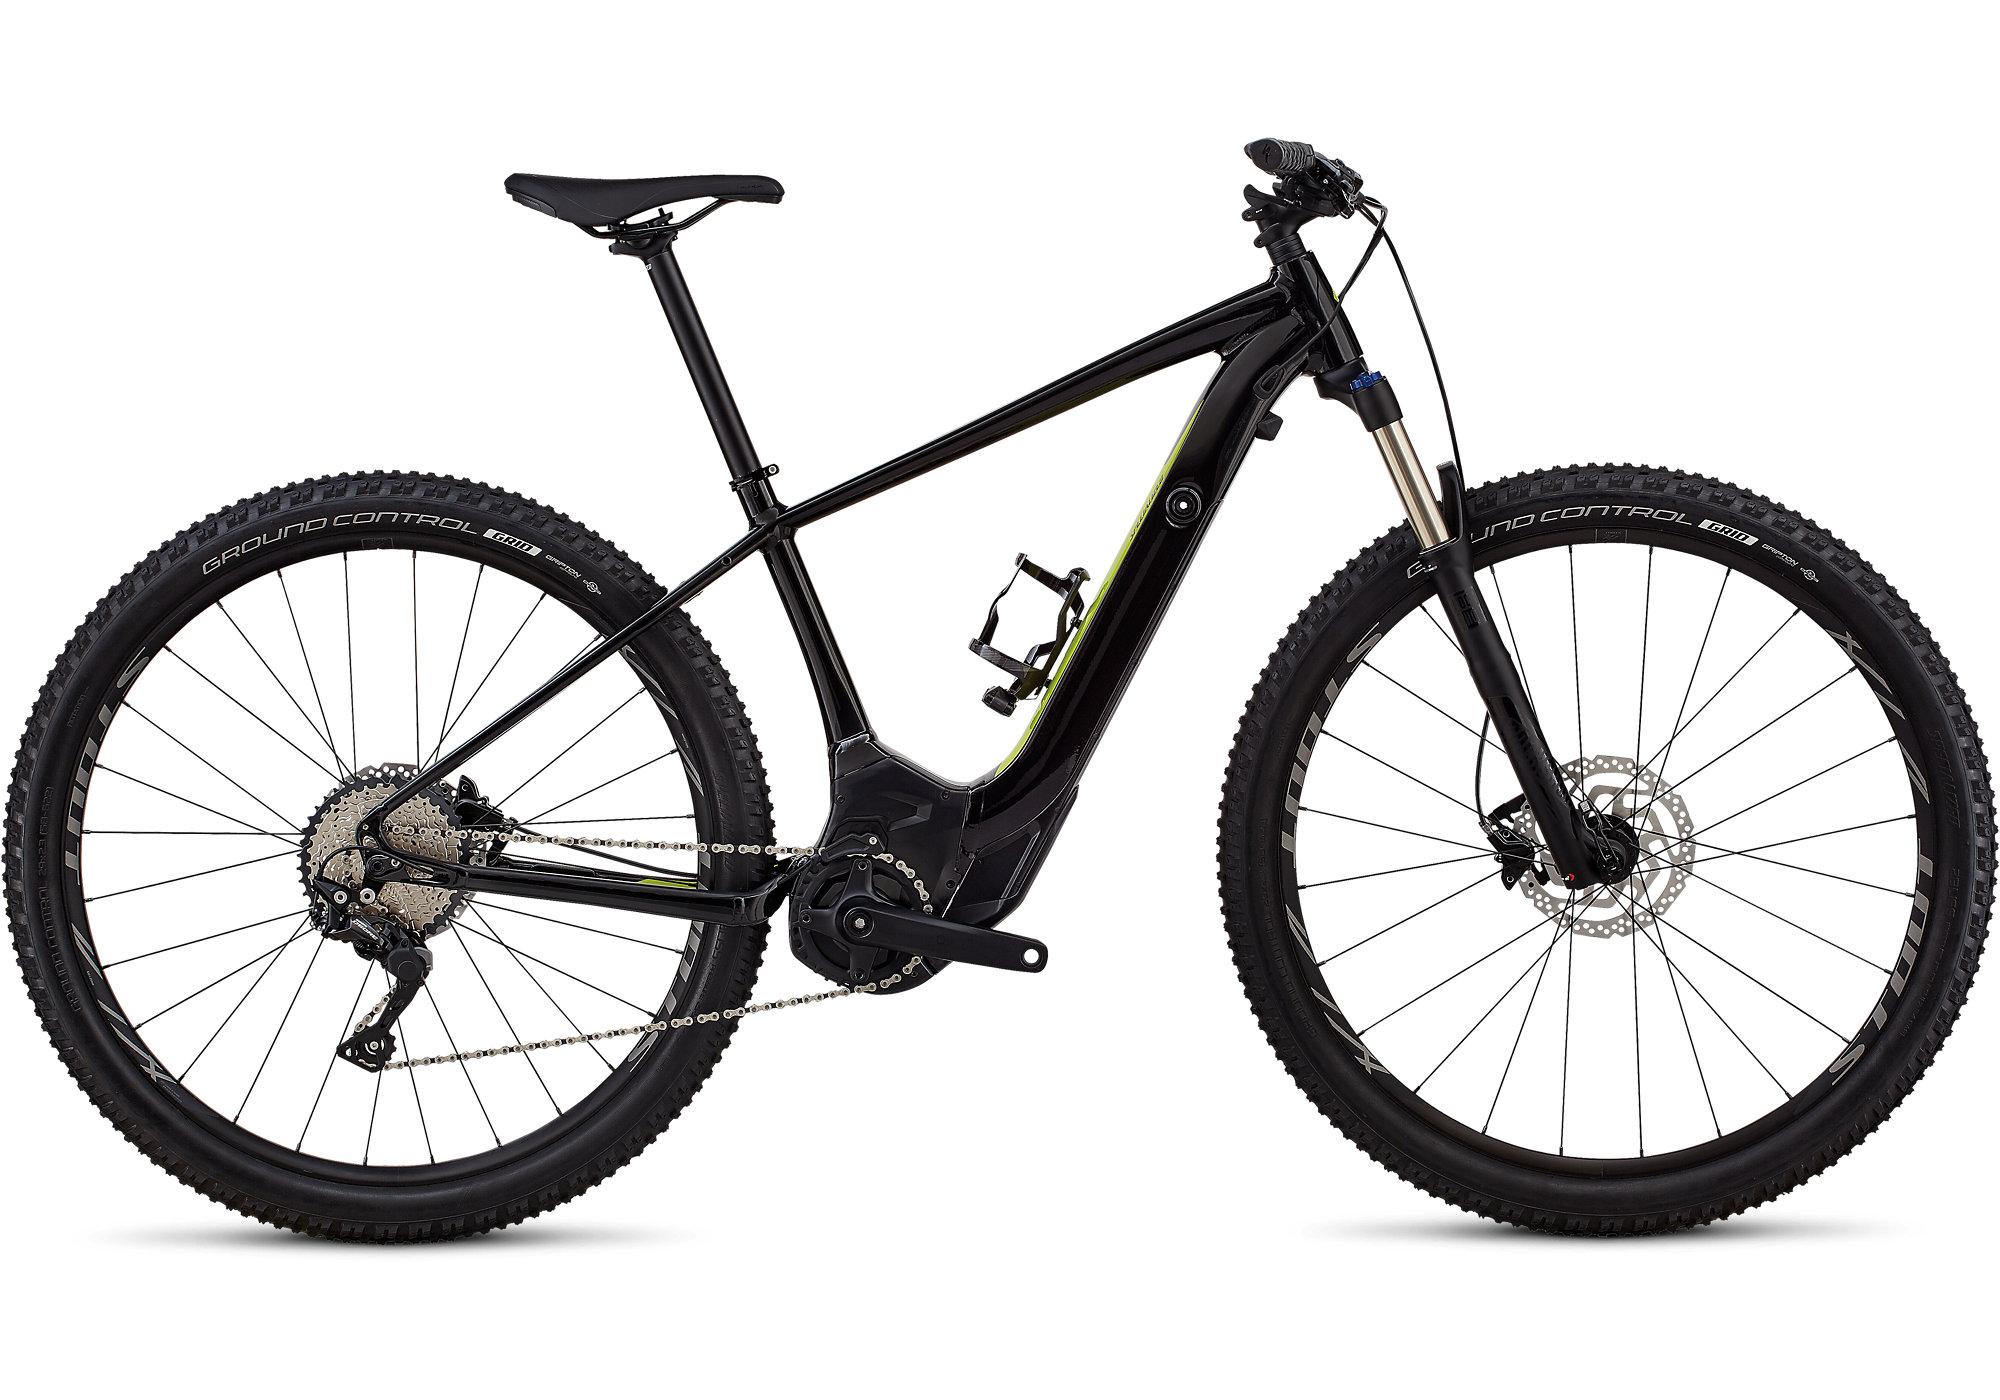 Specialized bikes new zealand